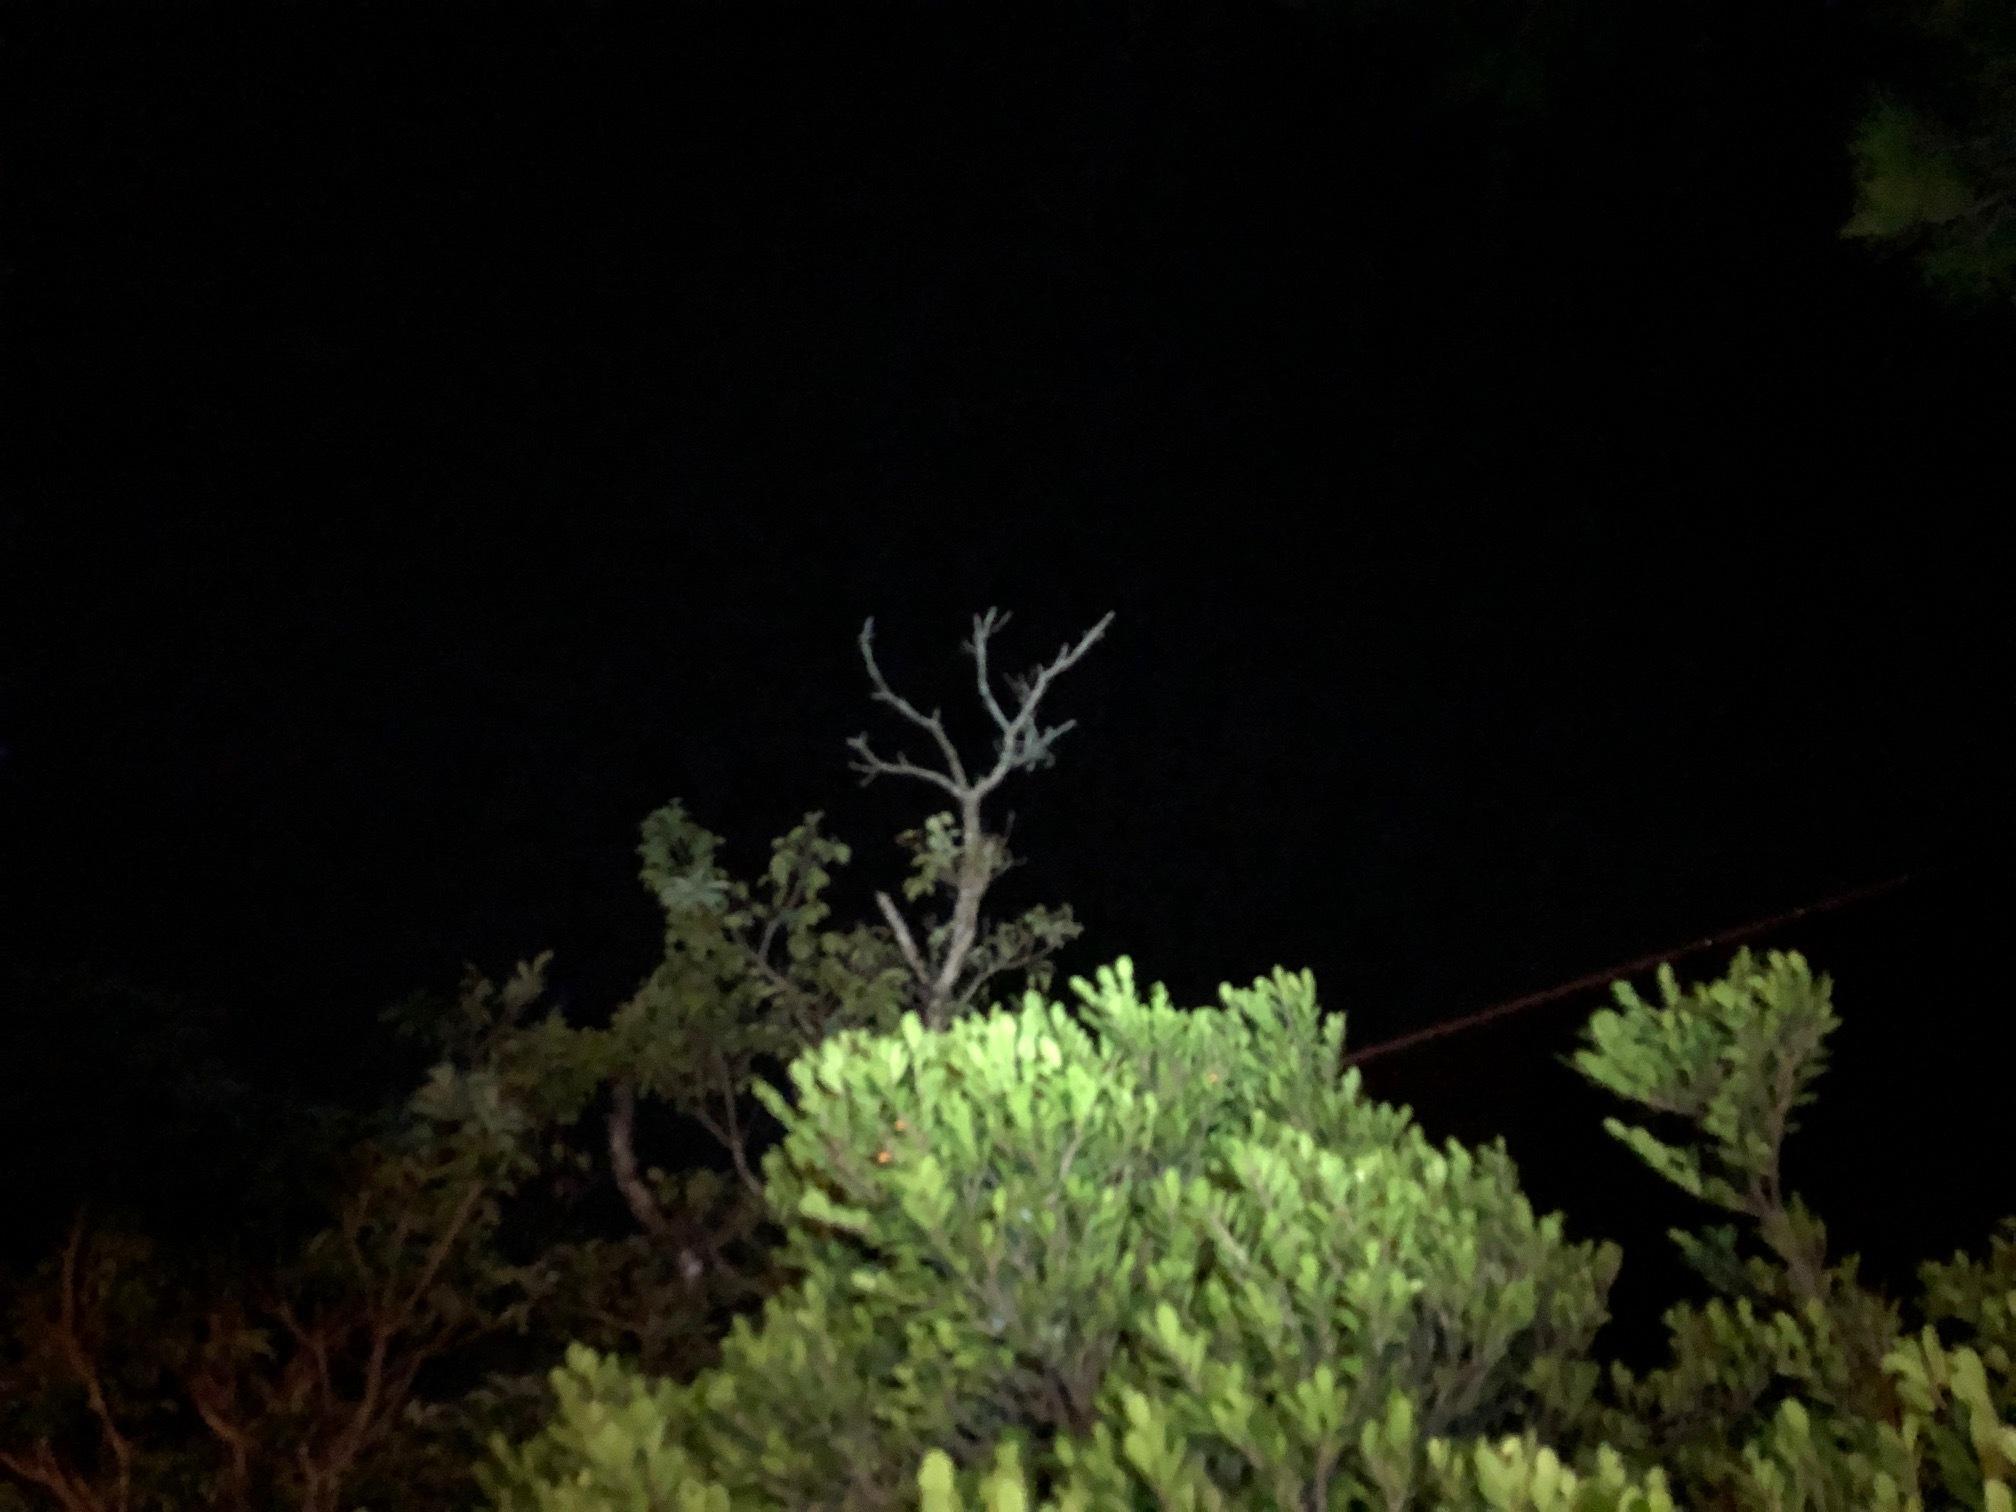 星空キャンプ〔2日目〕今夜のメニューは「てづくりぎょう座」お腹いっぱいになって、一瞬だけど月も見えた!_d0363878_23015298.jpg